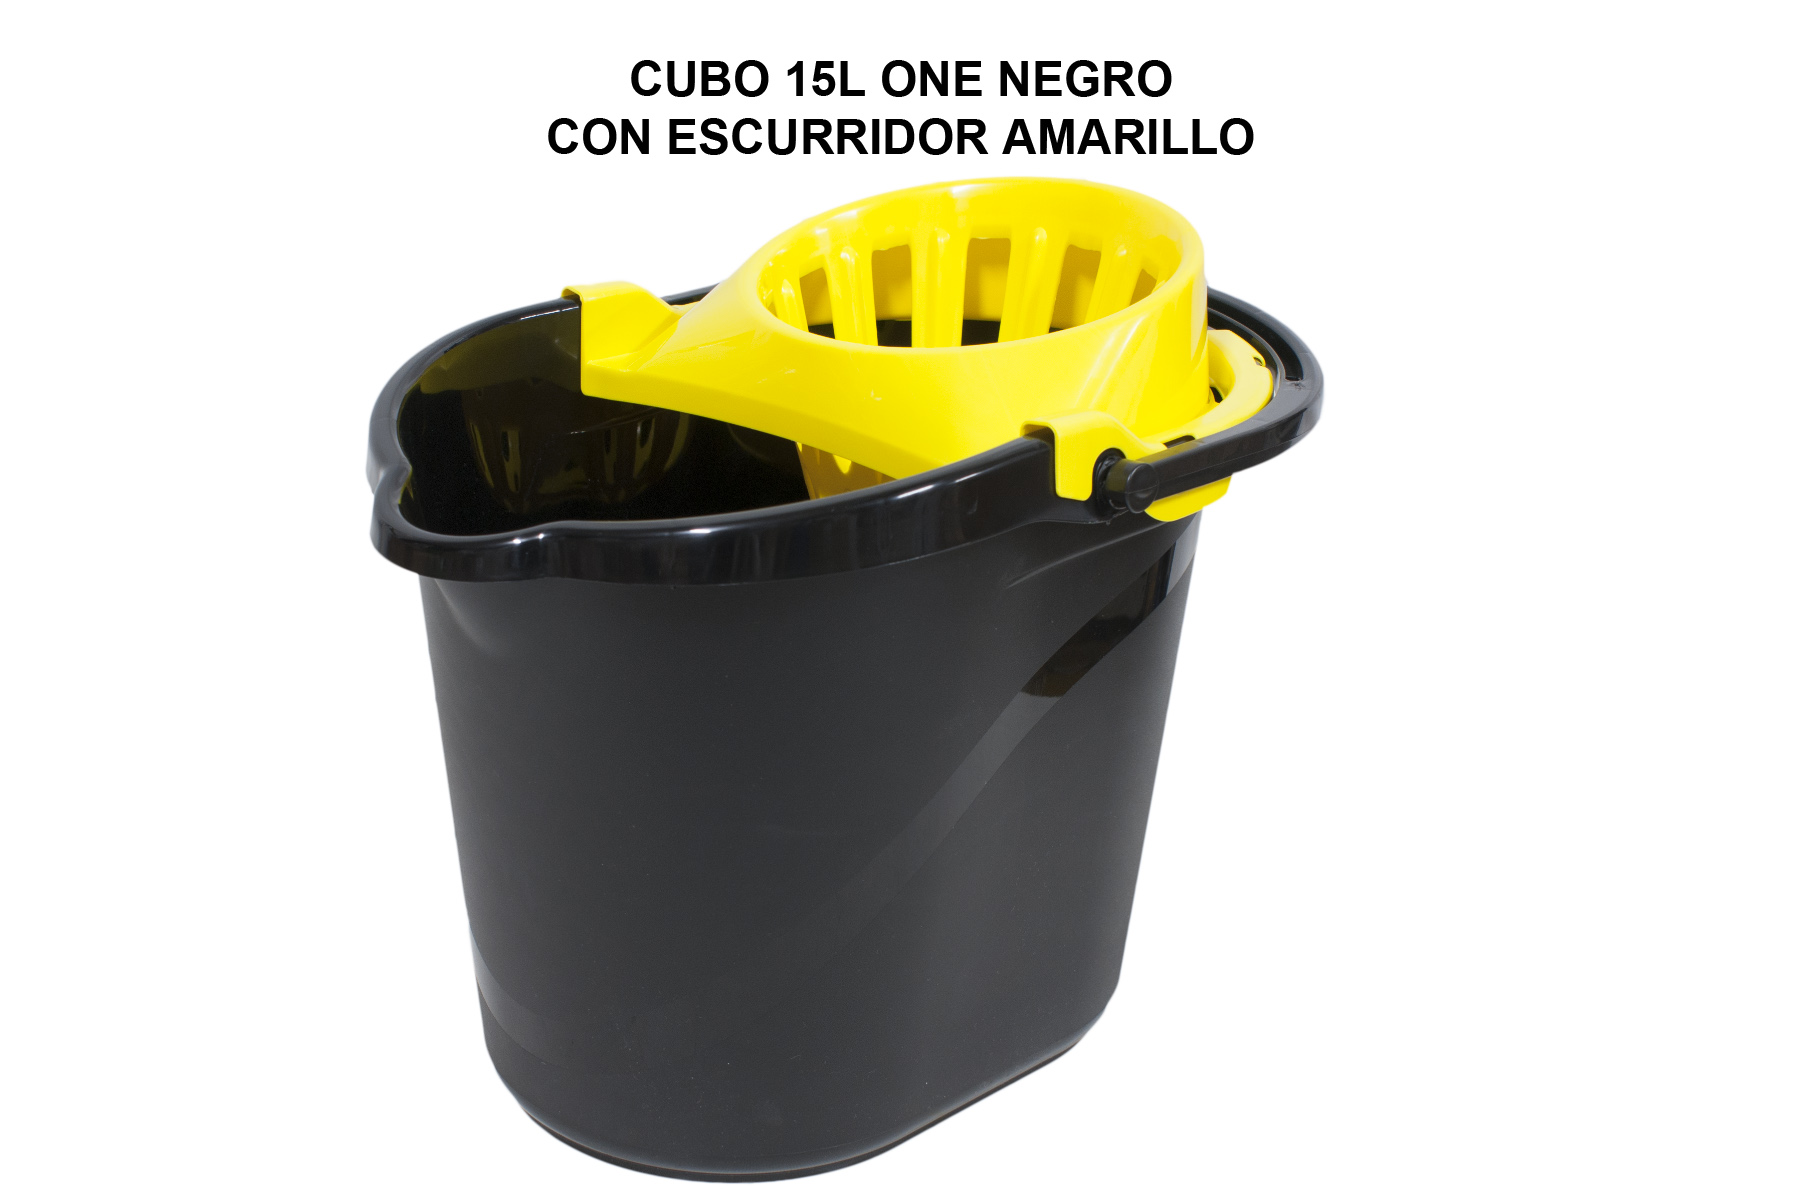 CUBO 15L ONE NEGRO CON ESCURRIDOR AMARILLO